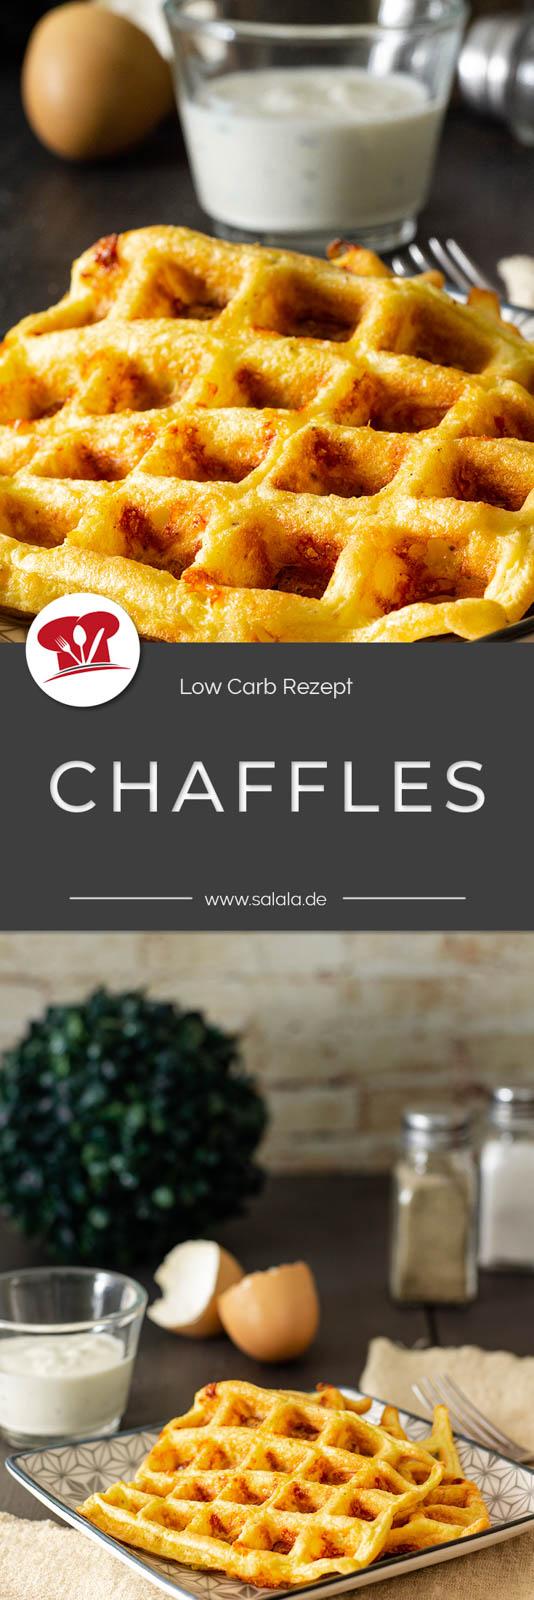 Was bitte ist eine Chaffel? Setzt sich zusammen aus Cheese und Waffle. Also ganz einfach eine Käsewaffel. Und so einfach wie sich das anhört ist das Rezept auch. Voll Keto, weil ist ja nur Ei und Käse. Aber es macht süchtig und zwar so richtig. Ach und ganz nebenbei auch total satt. #chaffle #chafflerezept #lowcarbwaffel #waffelohnemehl #ketowaffel #lowcarbwaffelrezept #ketowaffel #chaffelmitdip